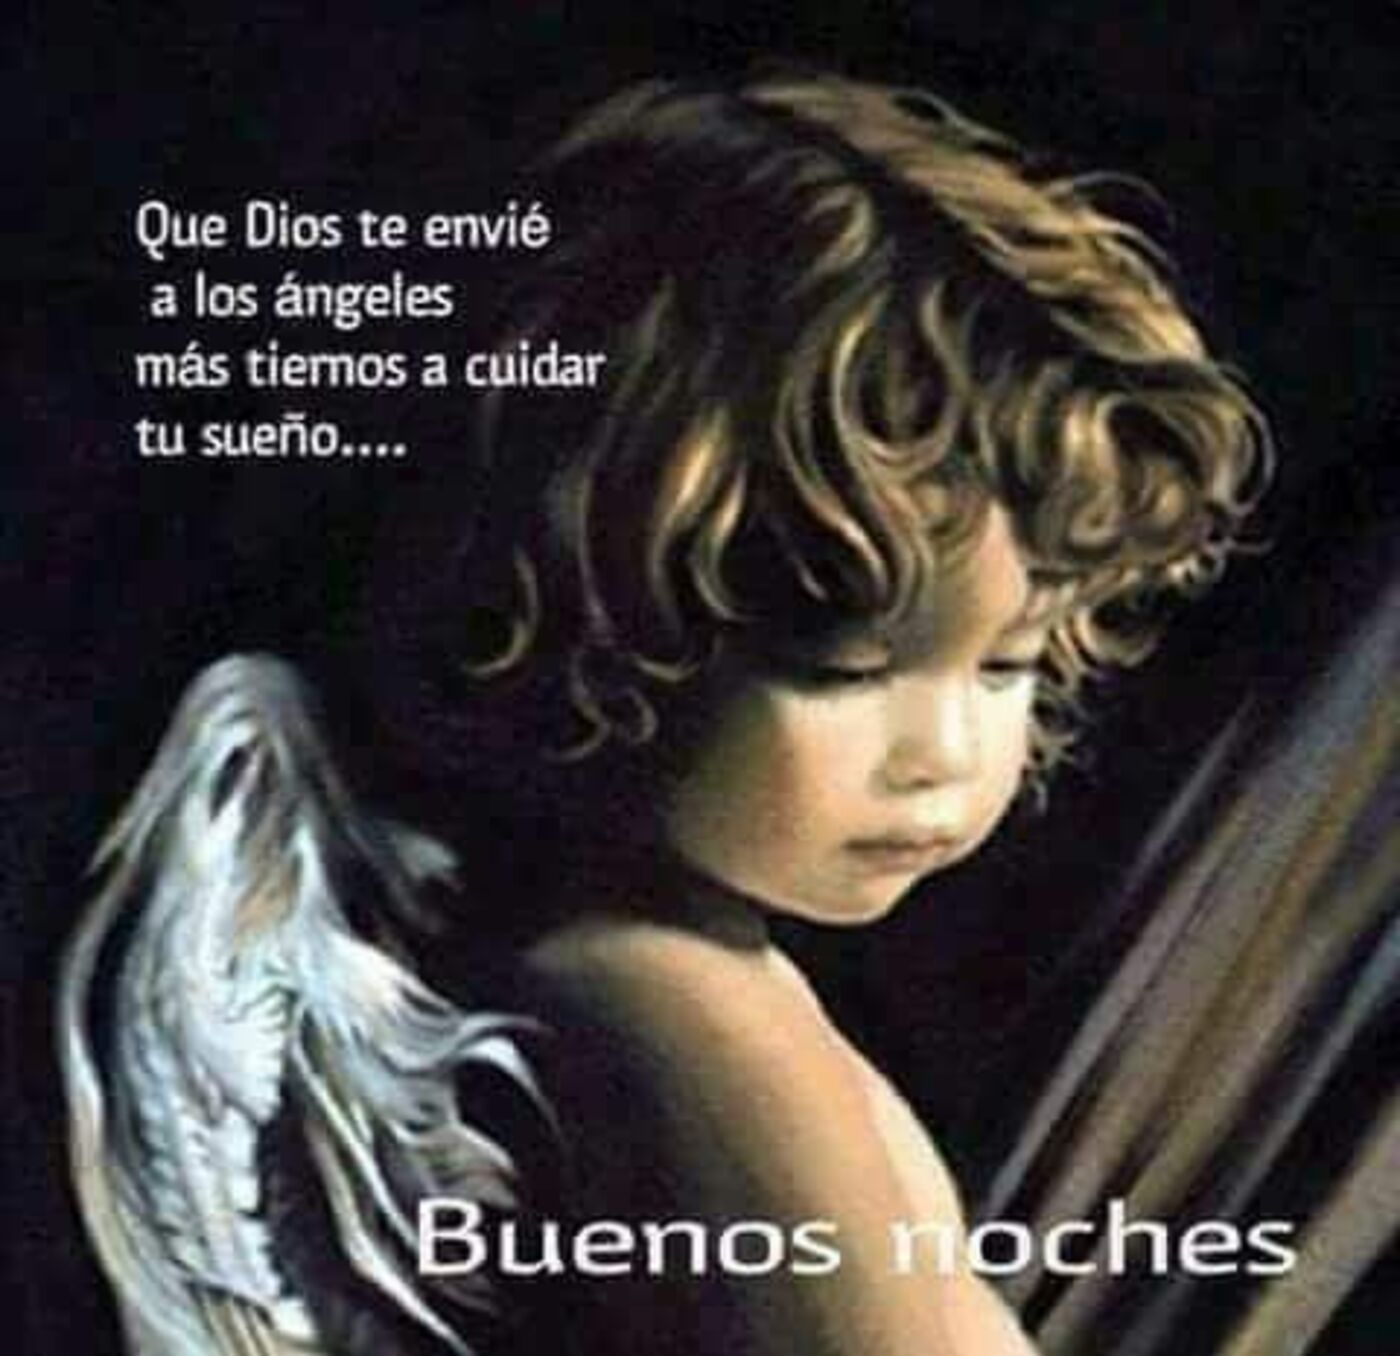 Que Dios te envié a los ángeles más tiernos a cuidar tu sueño...Buenas noches